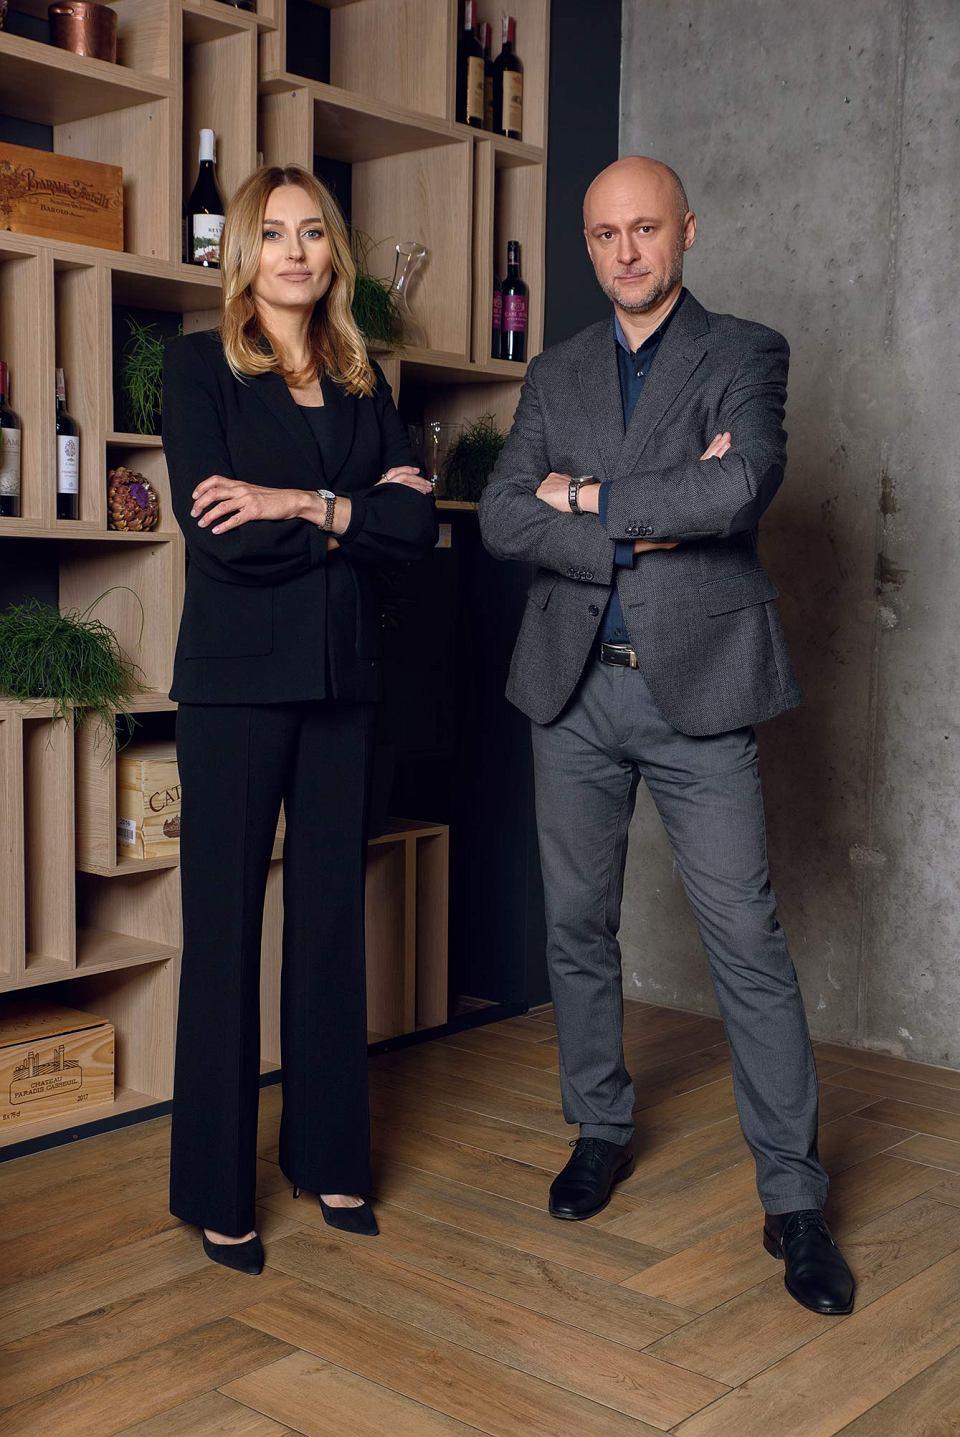 Właściciele firmy Dynaxo. Od lewej; Małgorzata Brzózka-Nowak oraz Paweł Nowak